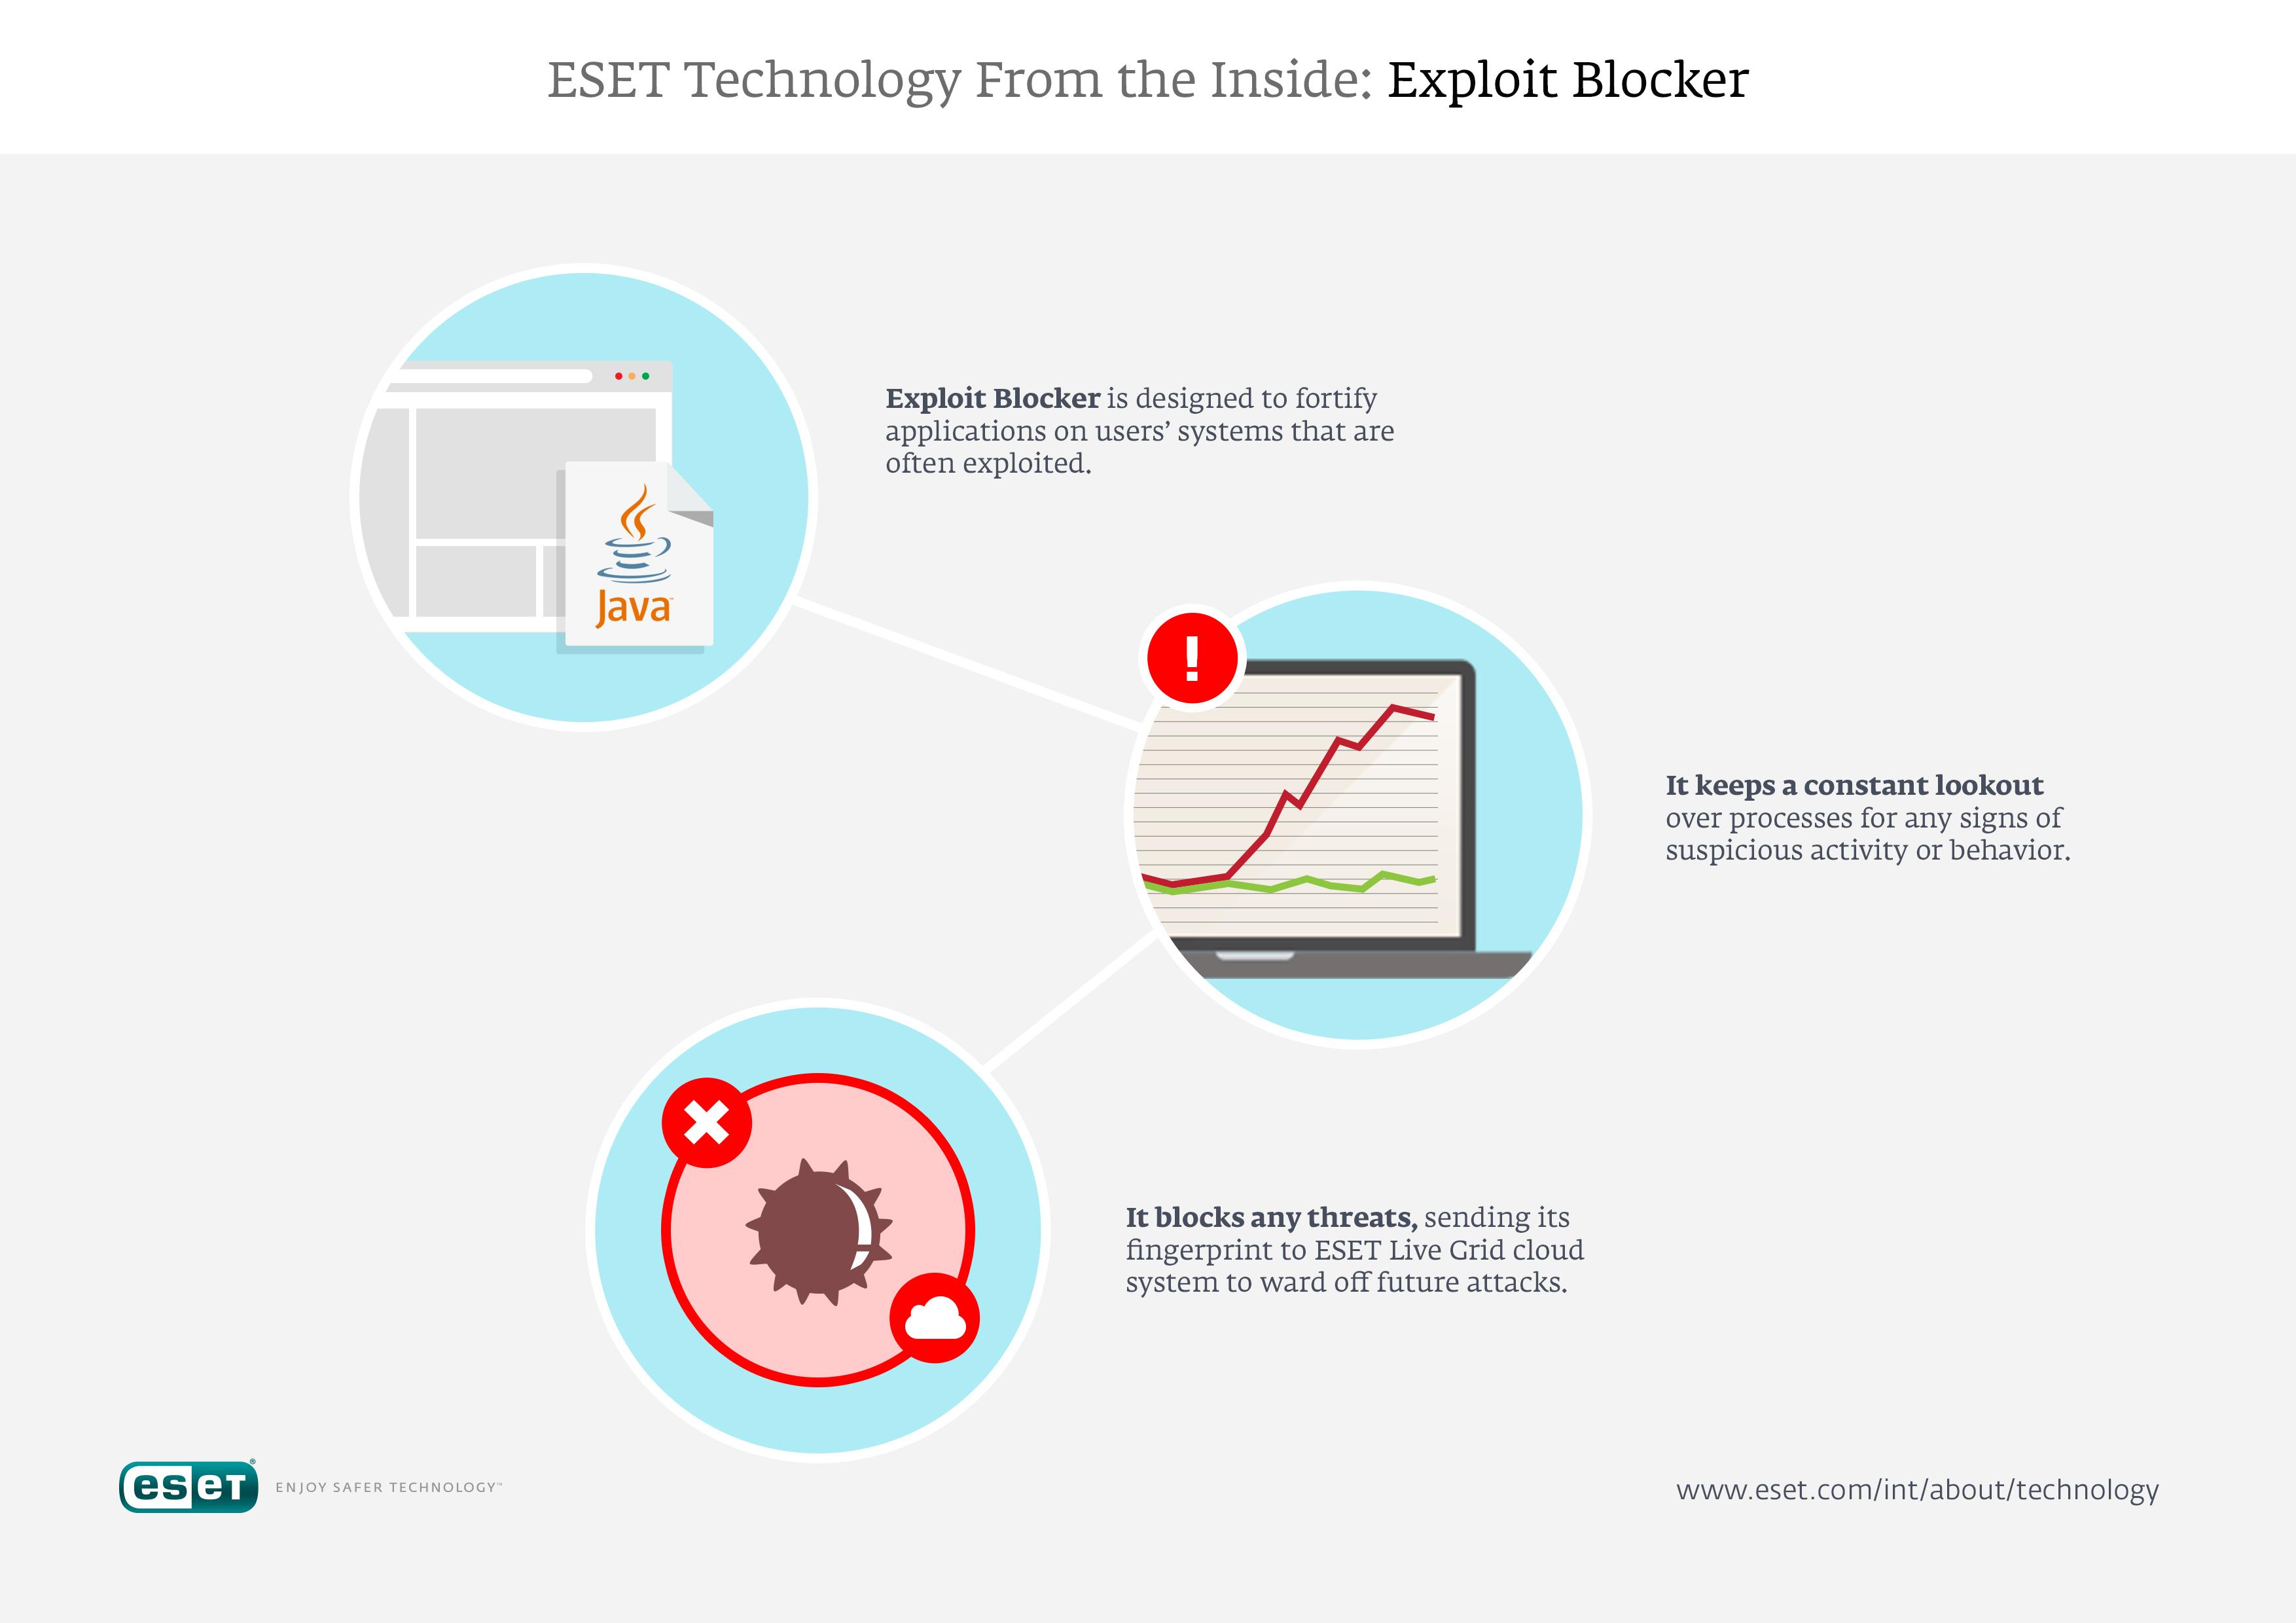 V9_02_Technology_From_The_Inside_Enhanced_Exploit_Blocker